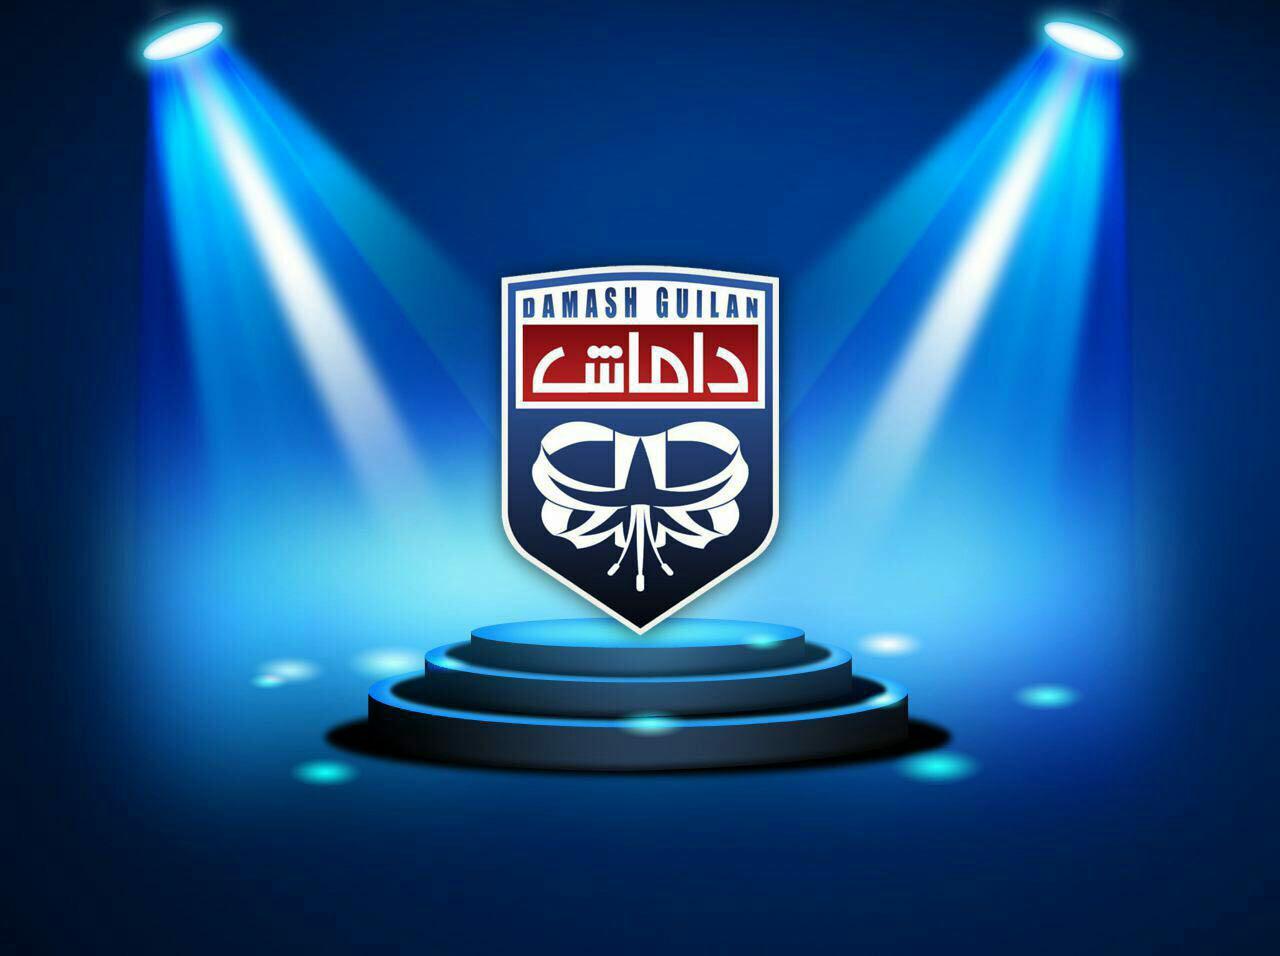 طراحی لوگوی جدید باشگاه داماش گیلان